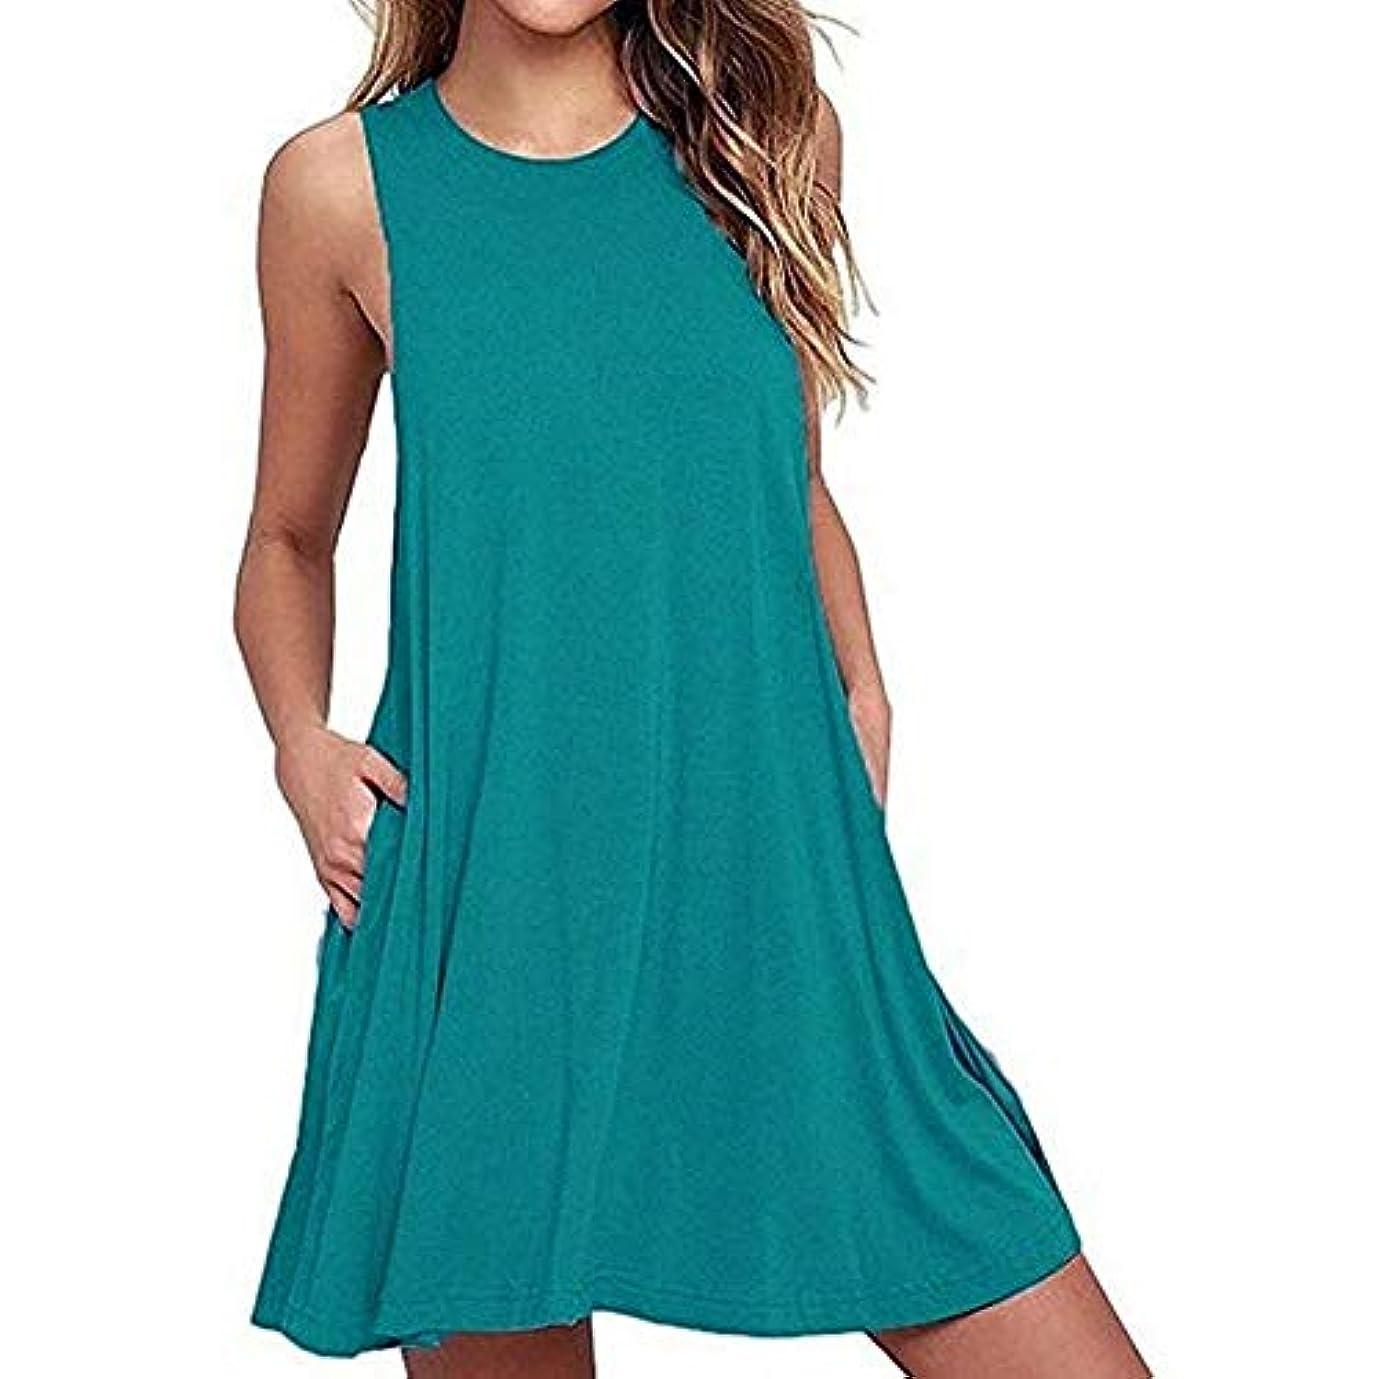 リンケージ共産主義才能MIFAN 人の女性のドレス、プラスサイズのドレス、ノースリーブのドレス、ミニドレス、ホルタードレス、コットンドレス